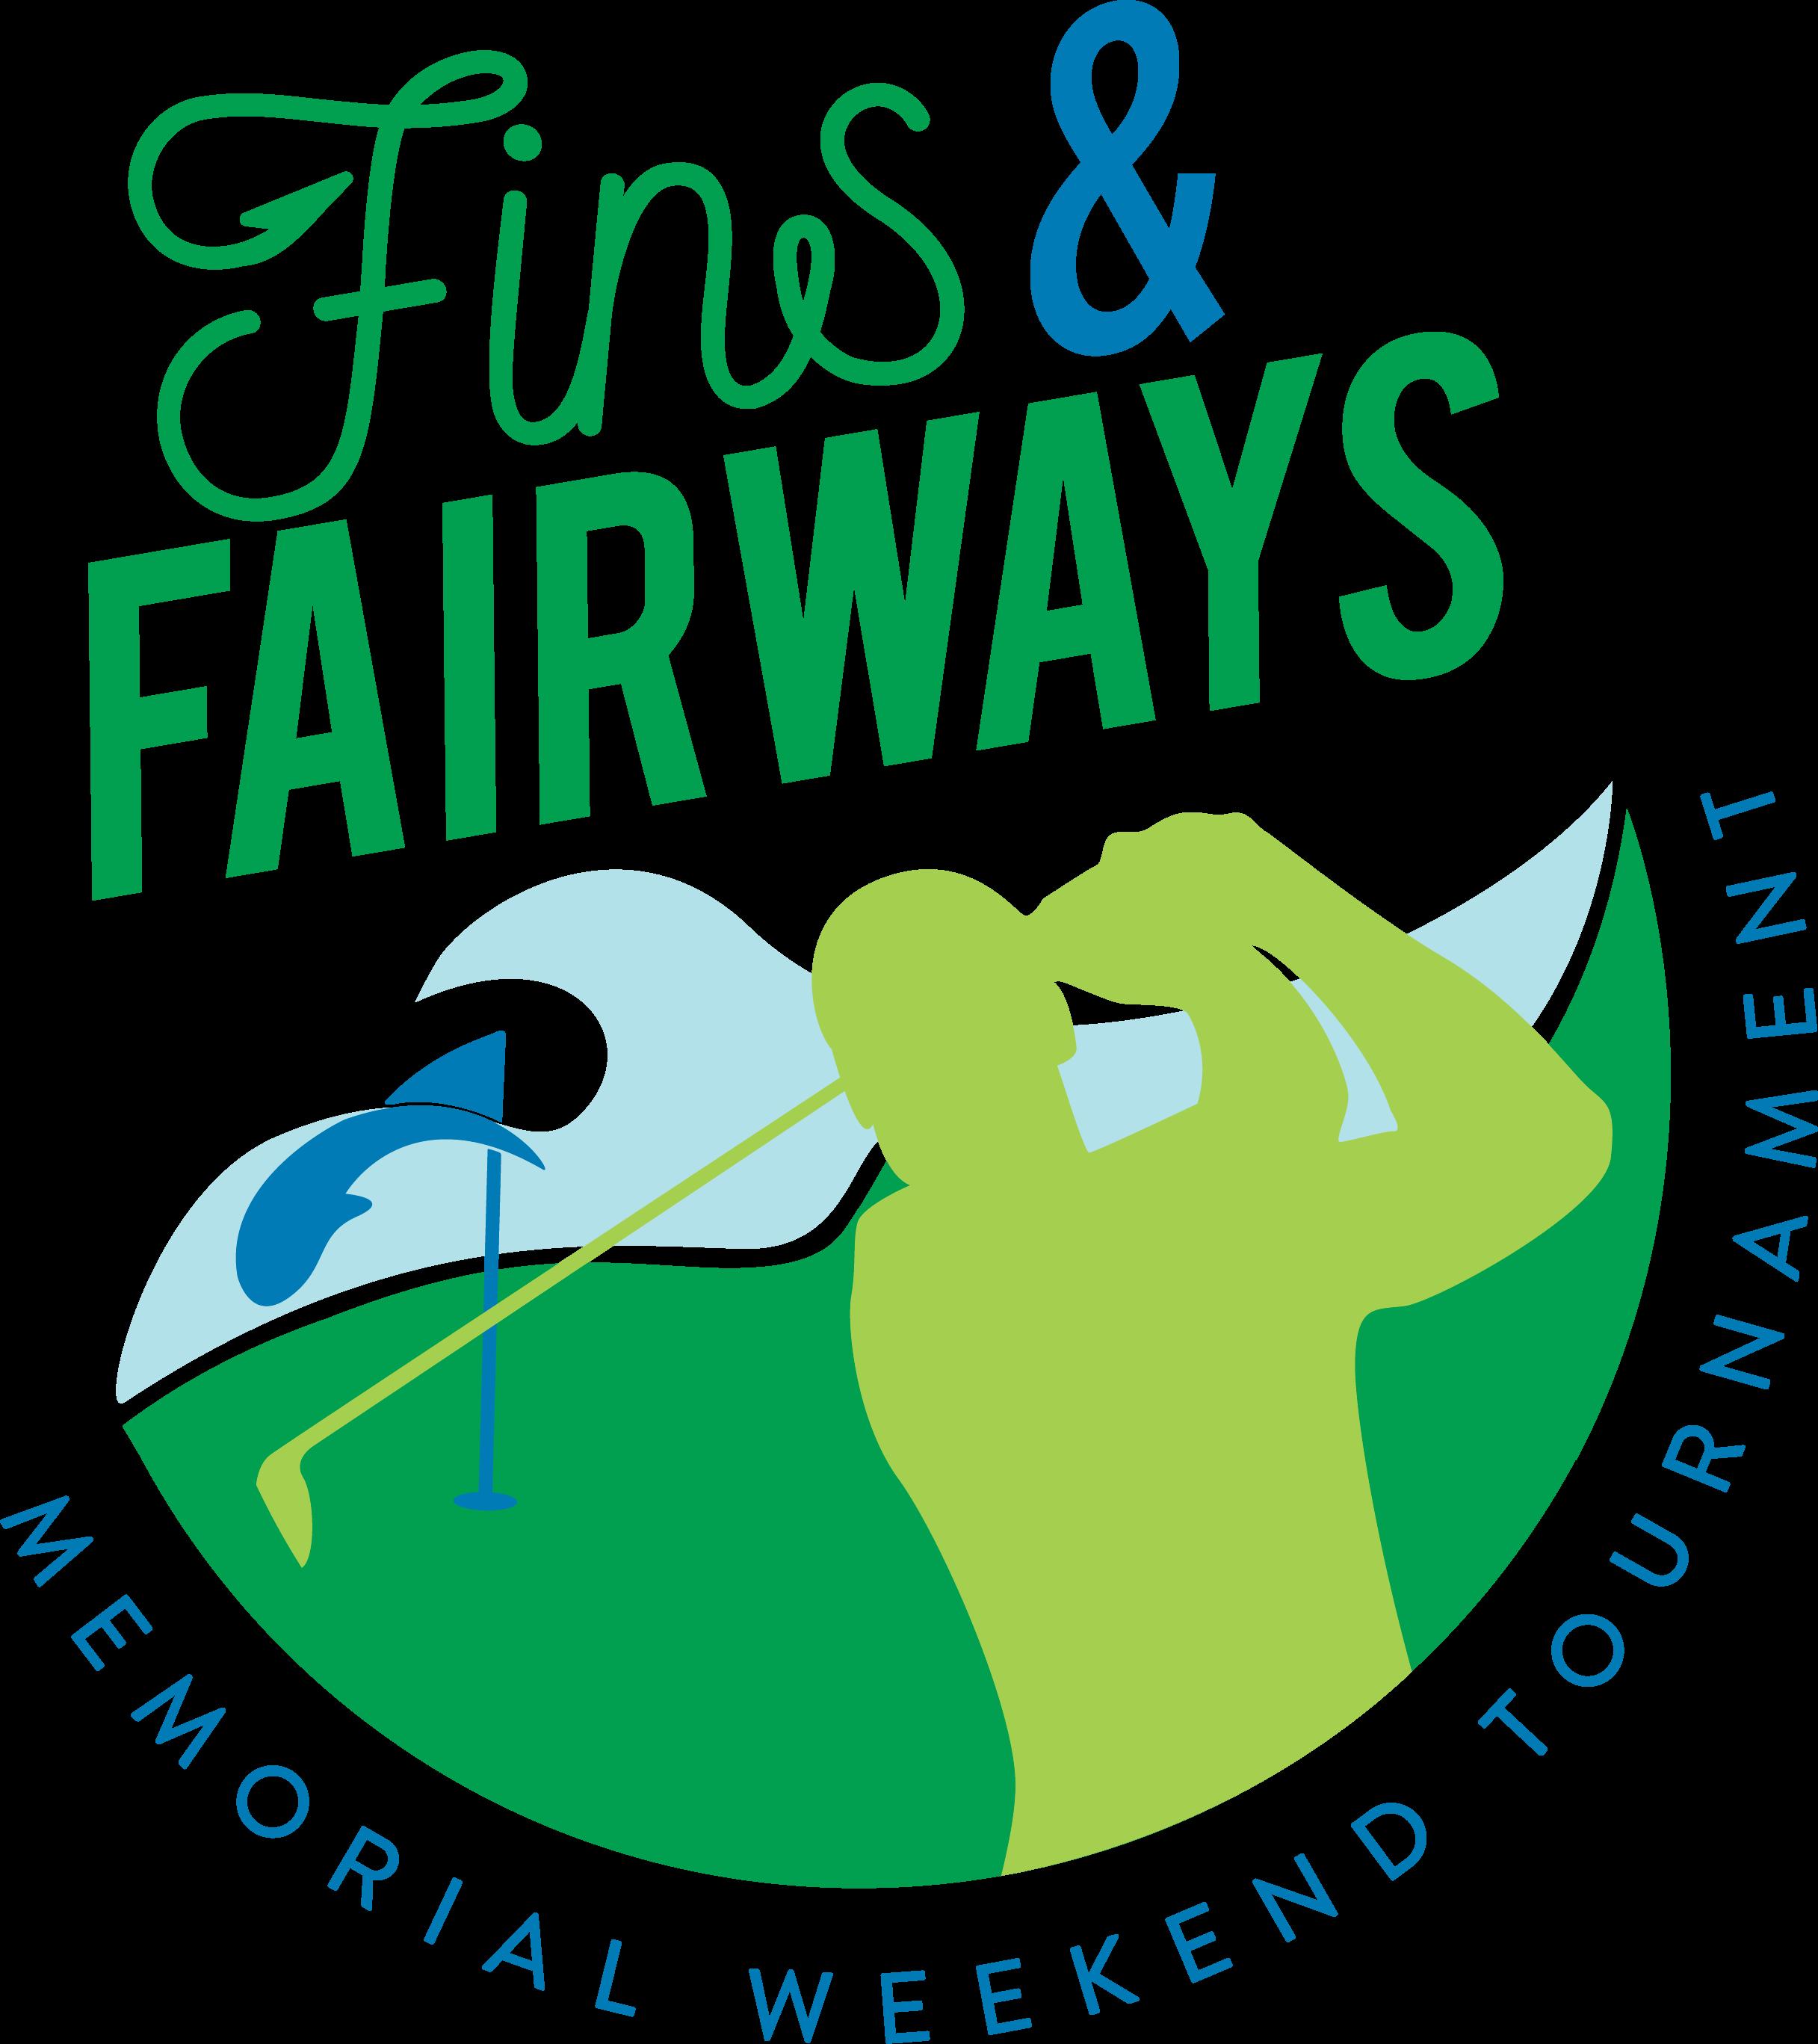 Fins & Fairways